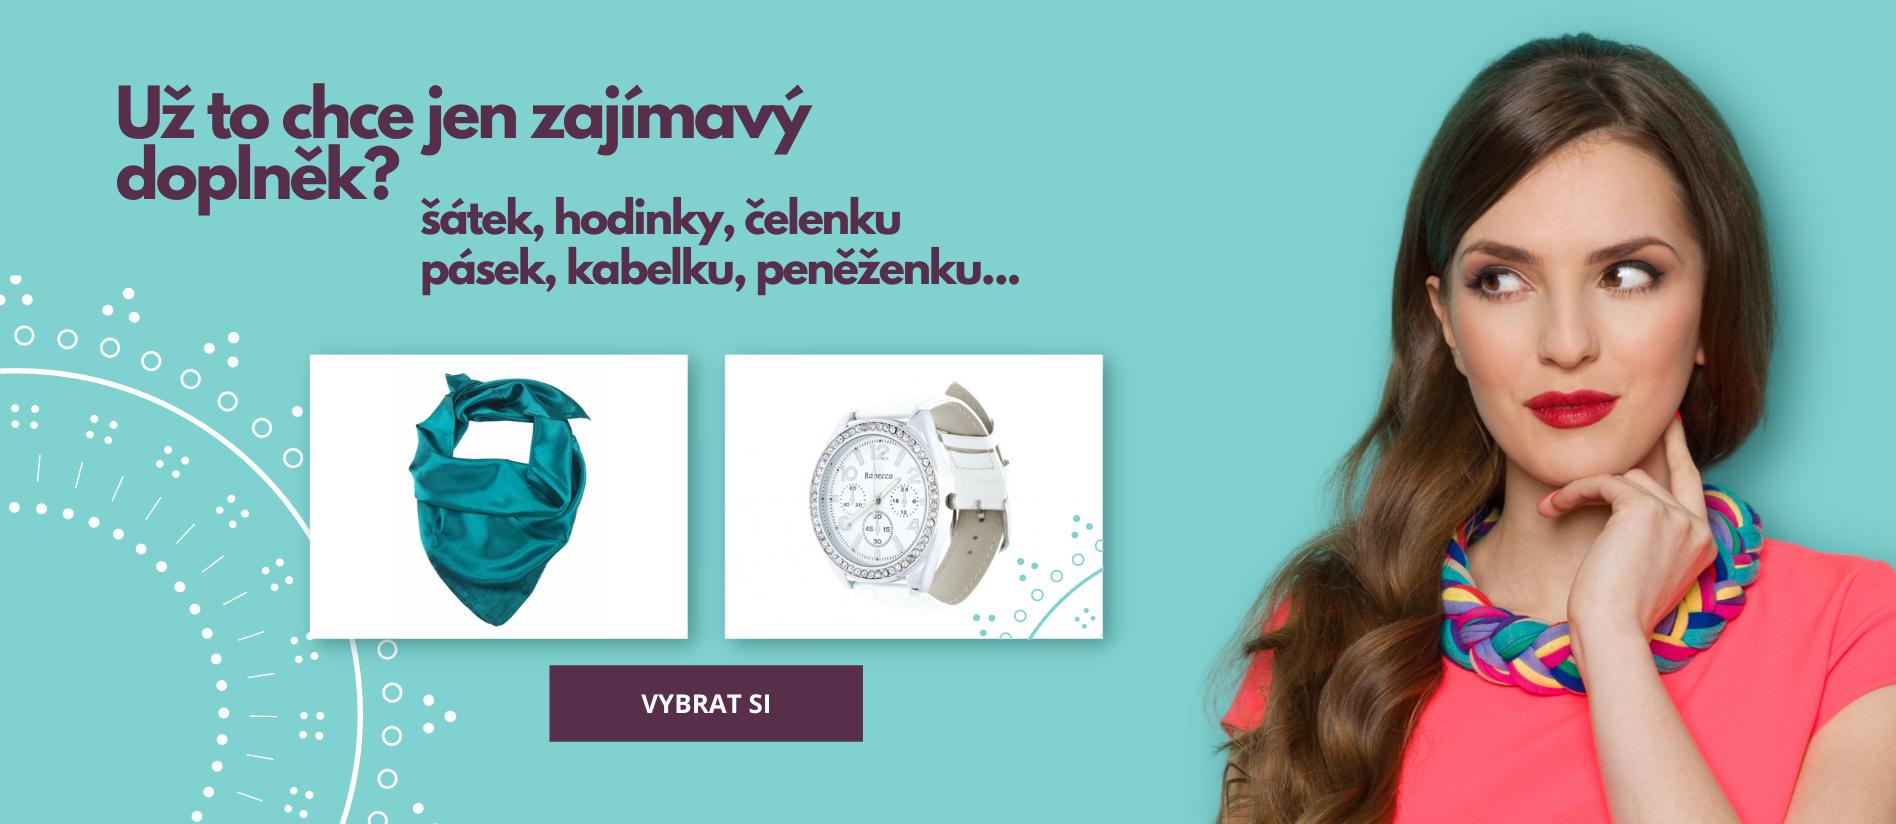 Ewena doplňky - šátky, hodinky, čelenky, pásky, kabelky, peněženky...